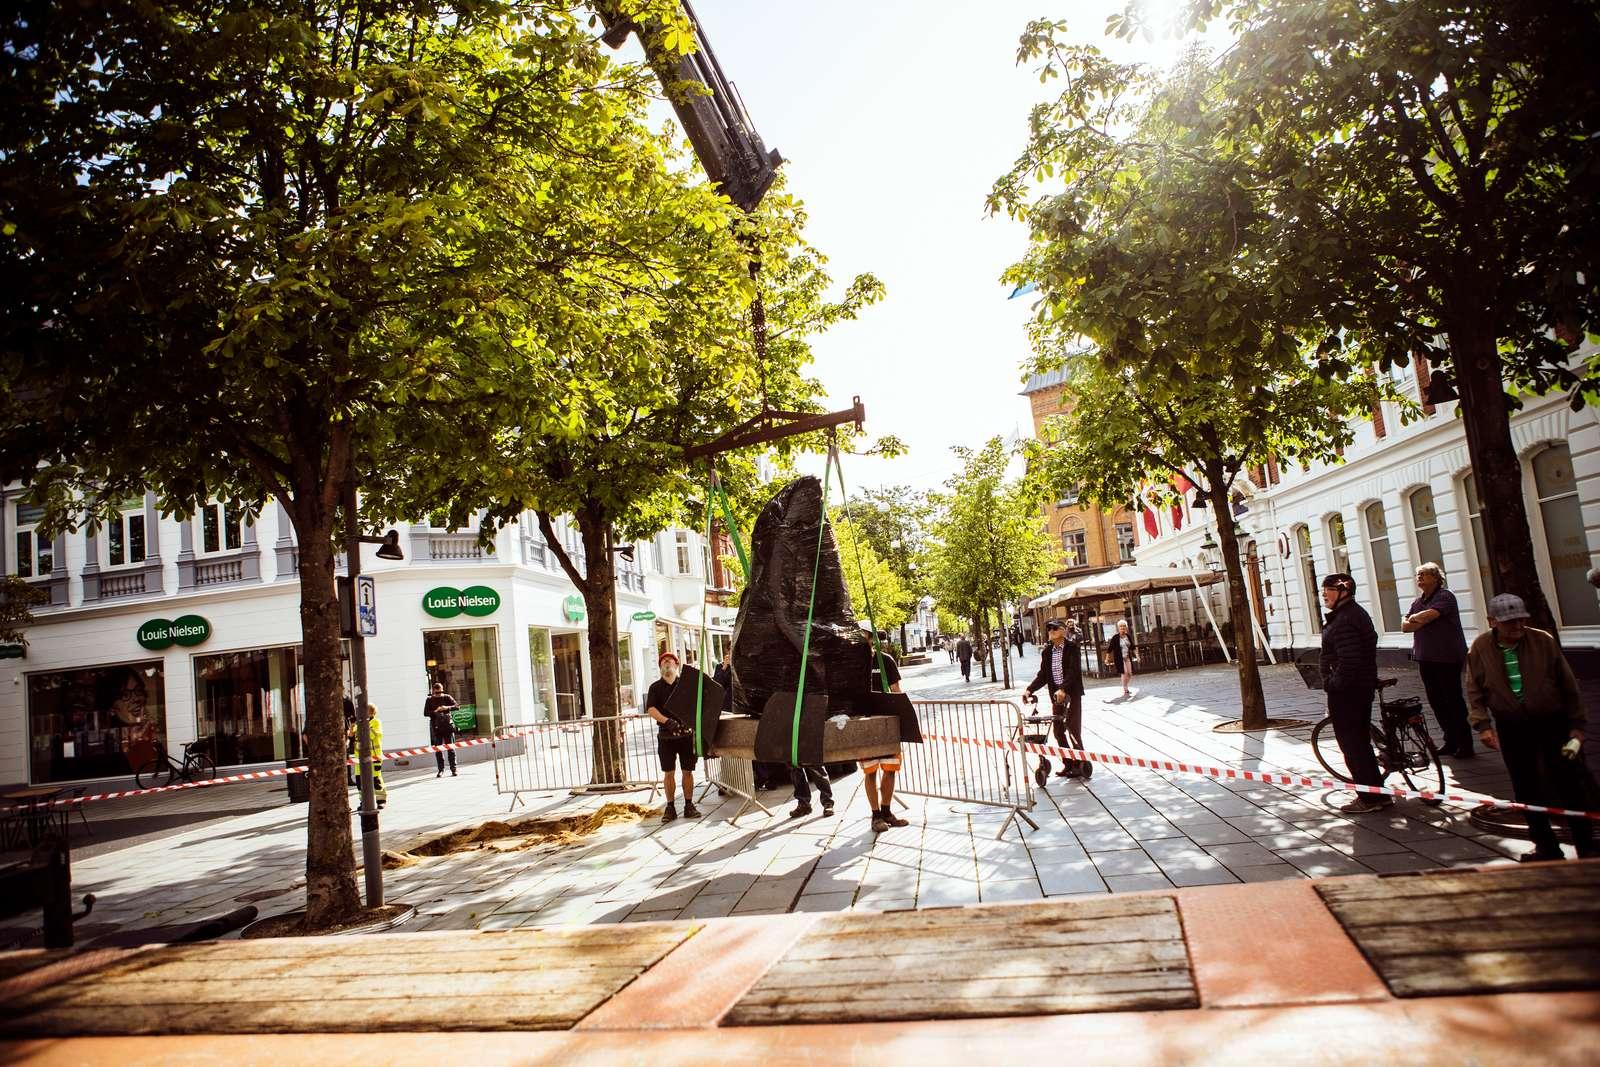 Flytning af Seated Woman august 2019. Foto: Tobias Nørgaard Pedersen / Herning Kommune